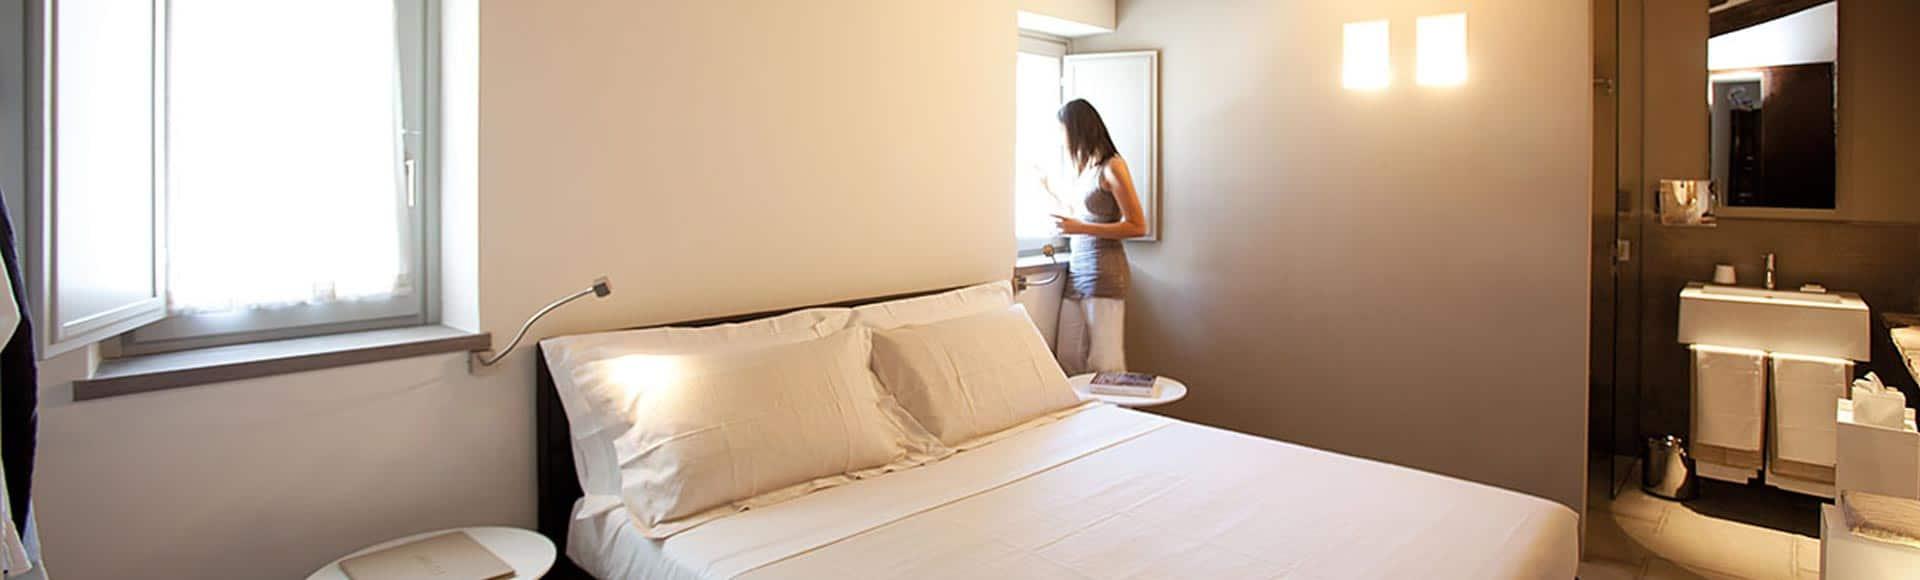 spa-e-deluxe-room-offerta